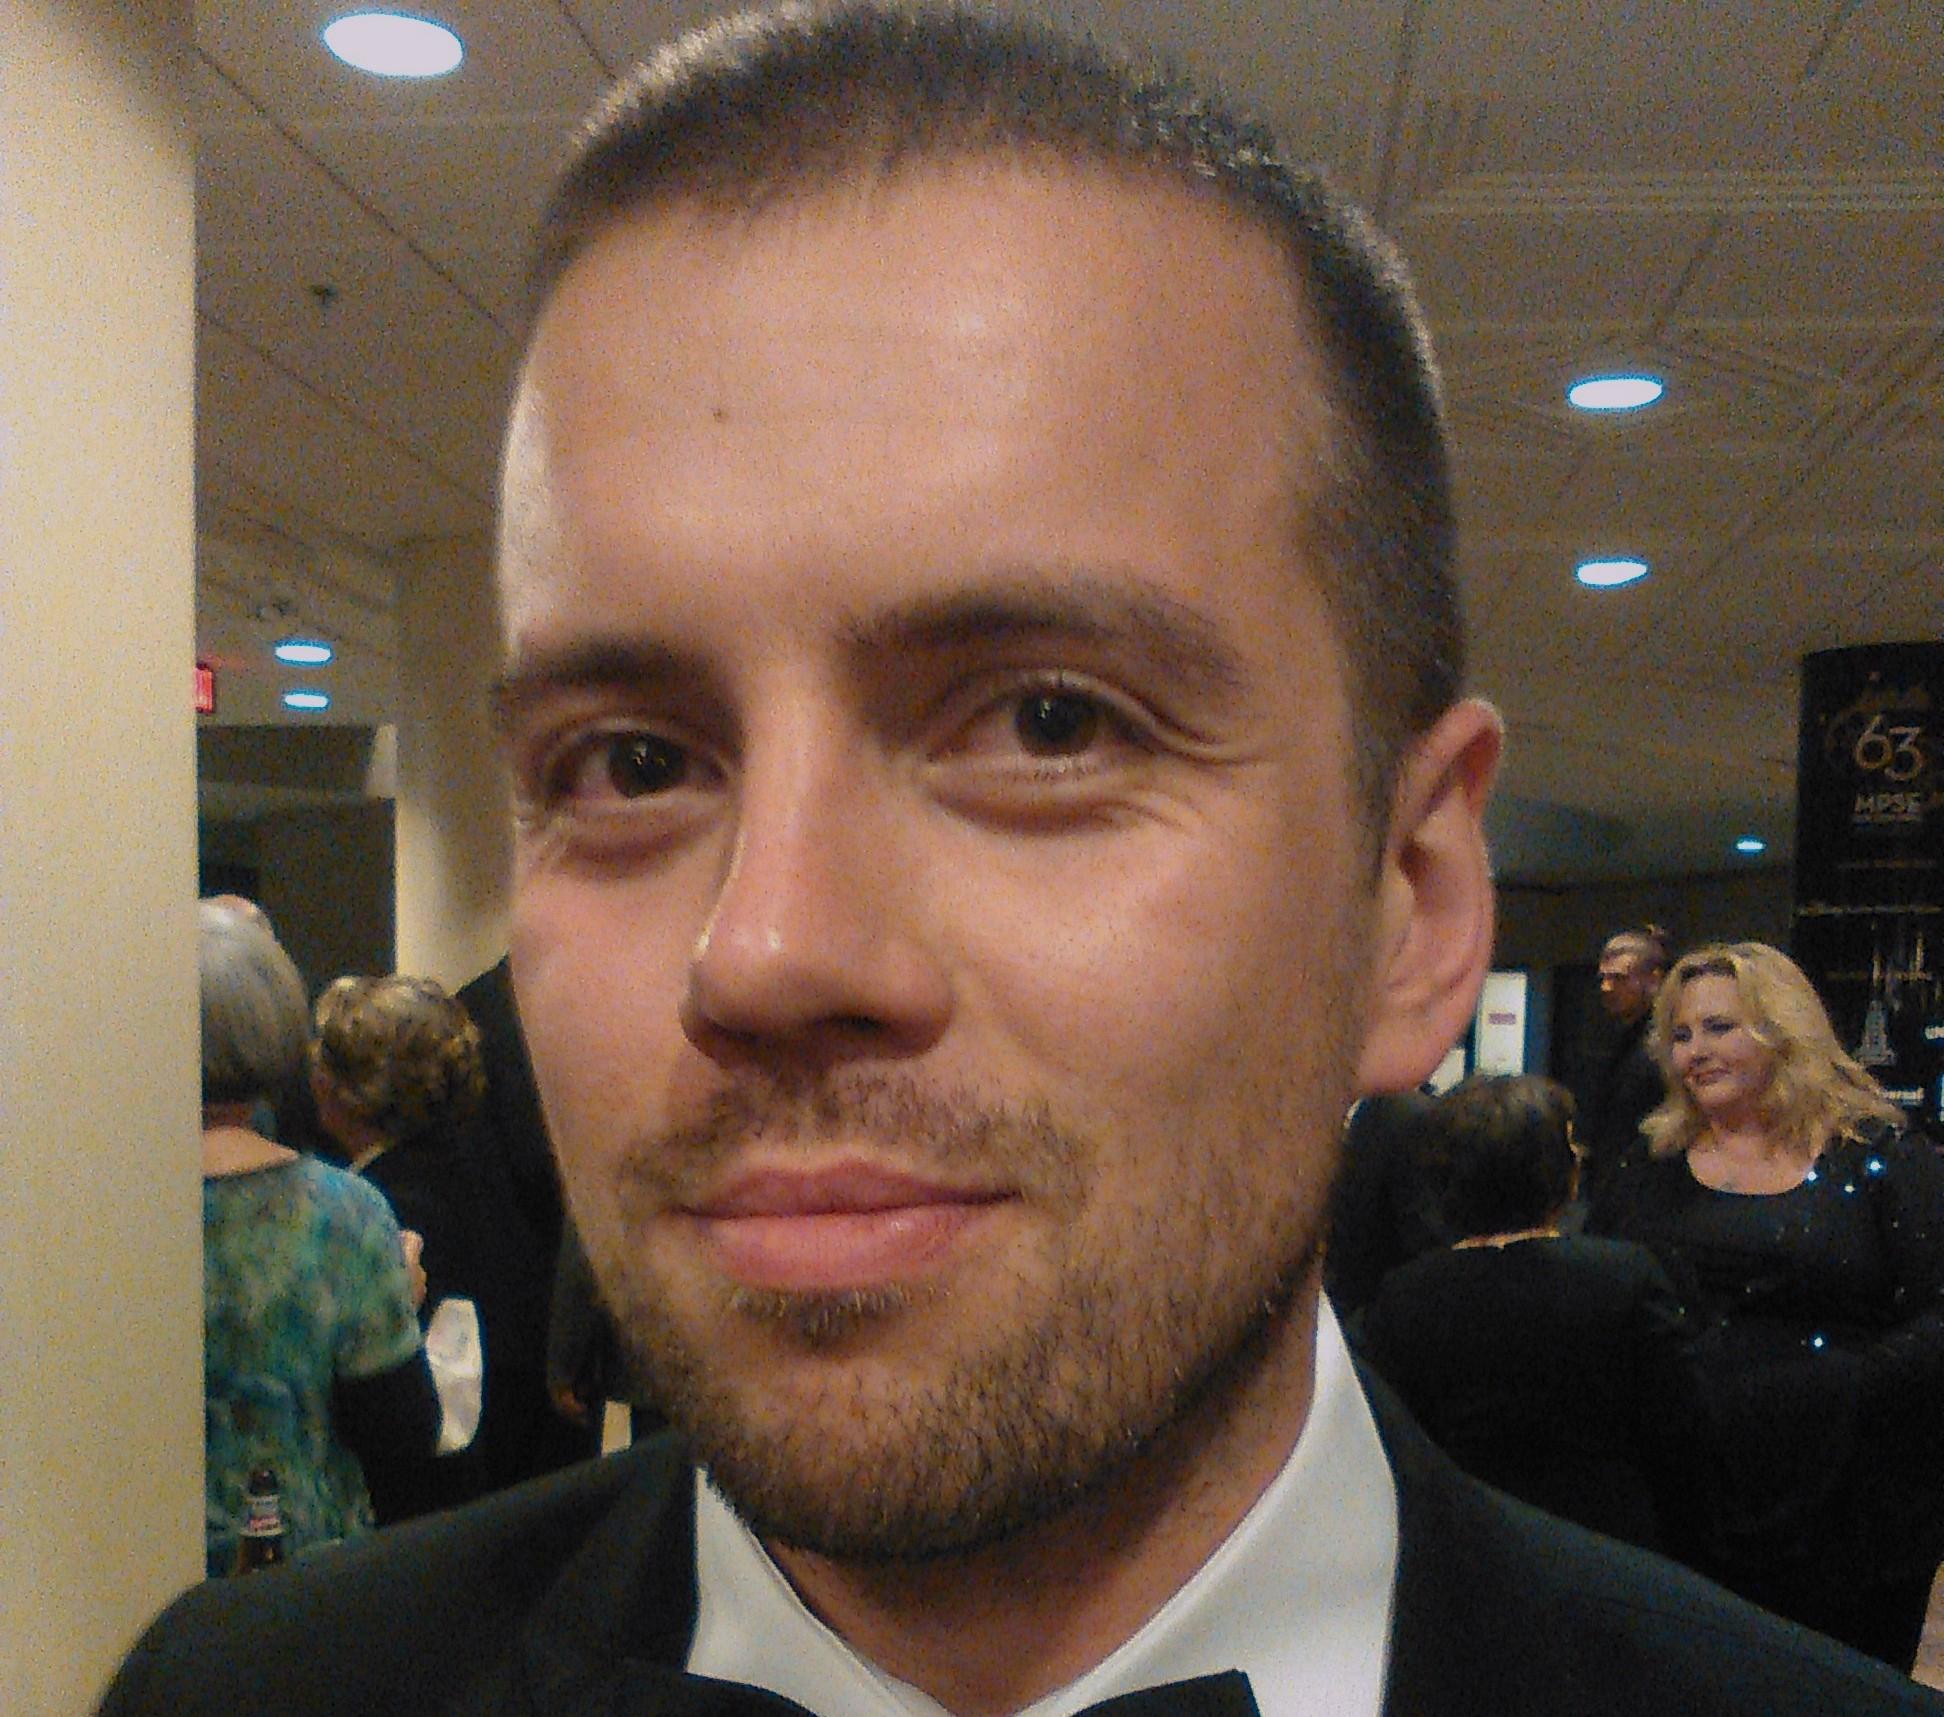 """Kuressaarest pärit noormees, praegu Tallinnas resideeruv, aga valdavalt Londoni jaoks tööd tegev helirežissöör Matis Rei võitis maailma helirežissööride hulgas enim hinnatud auhinna Golden Reel tudengifilmide helimontaaži kategoorias filmis """"Fulfilament"""" tehtud […]"""